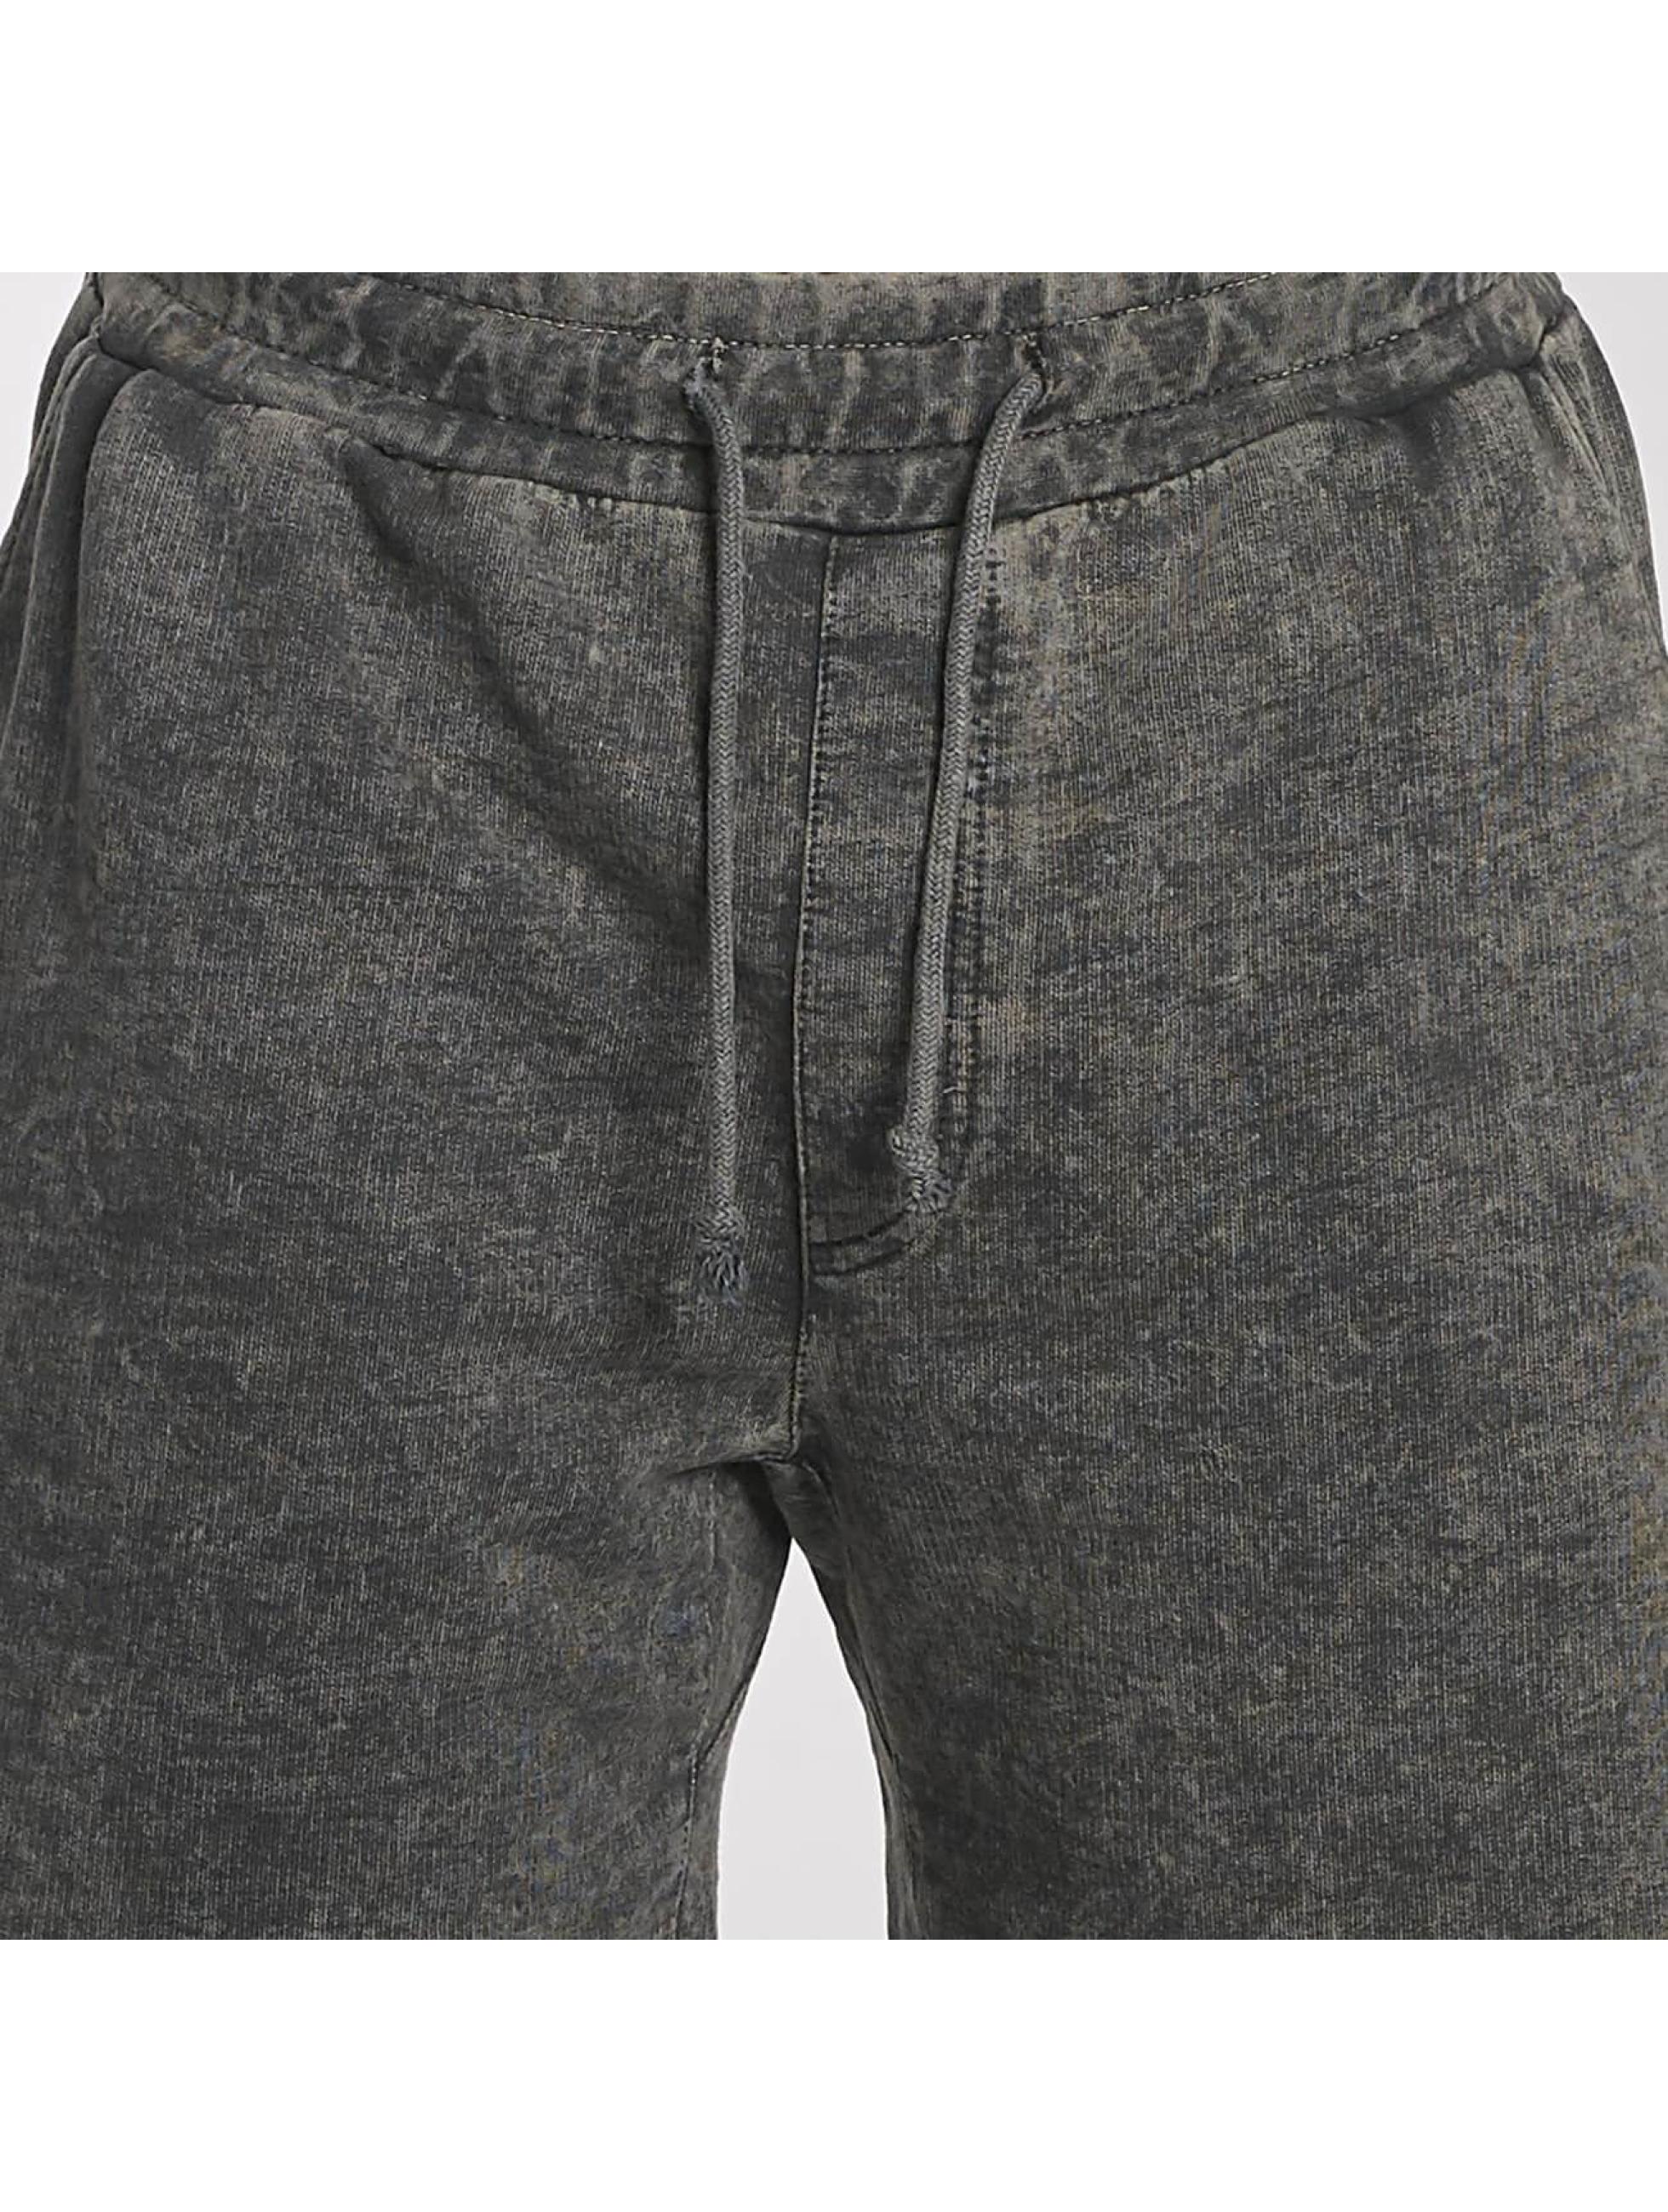 Urban Classics Shorts Vintage Terry grau